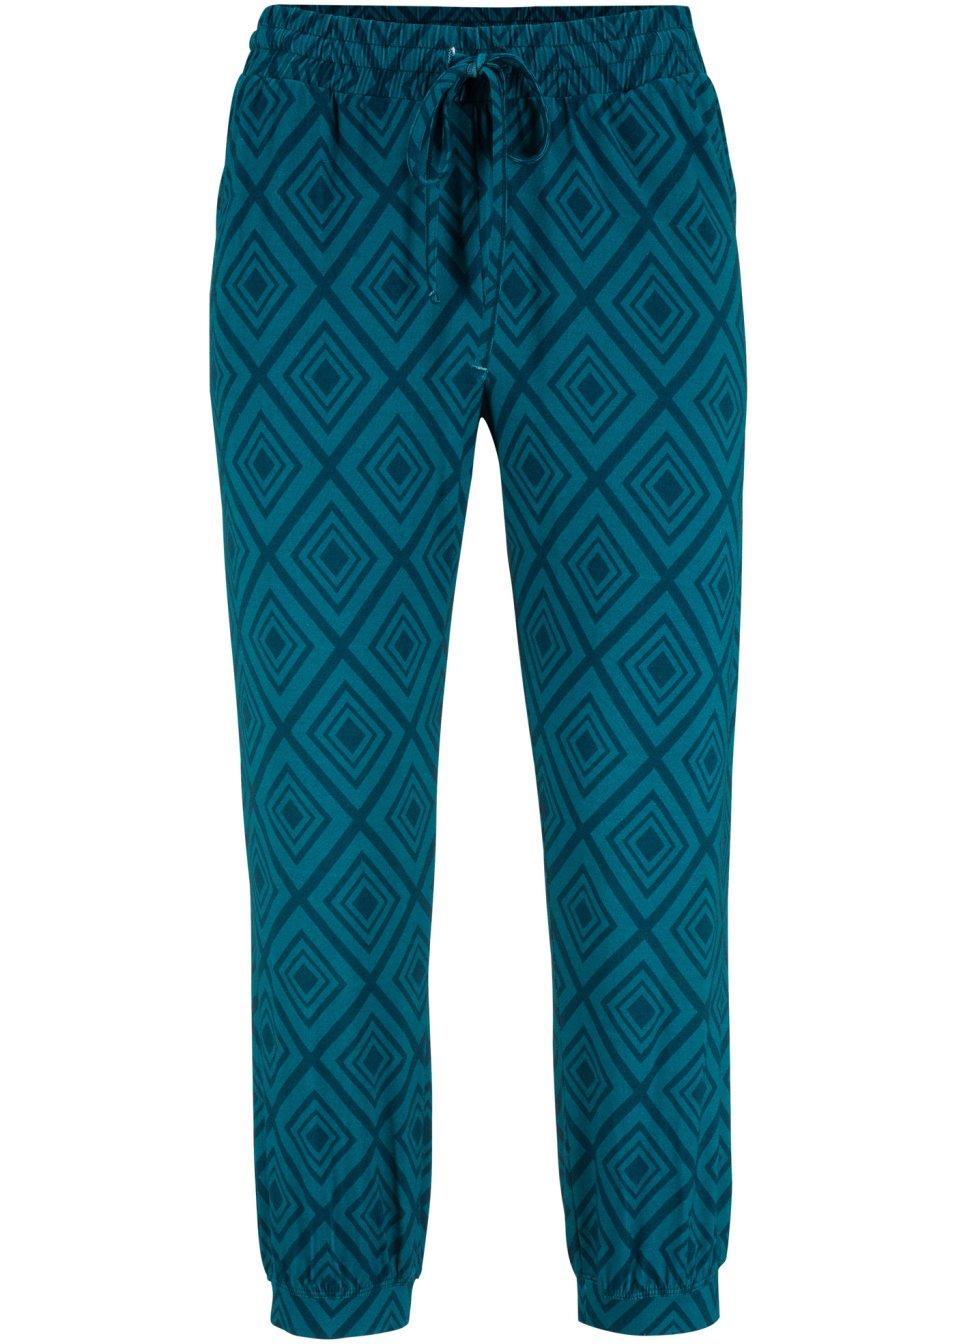 Bequeme Hose mit Viskose und elatischem Bund mit Bindeband - blaupetrol bedruckt OHYVP gD025